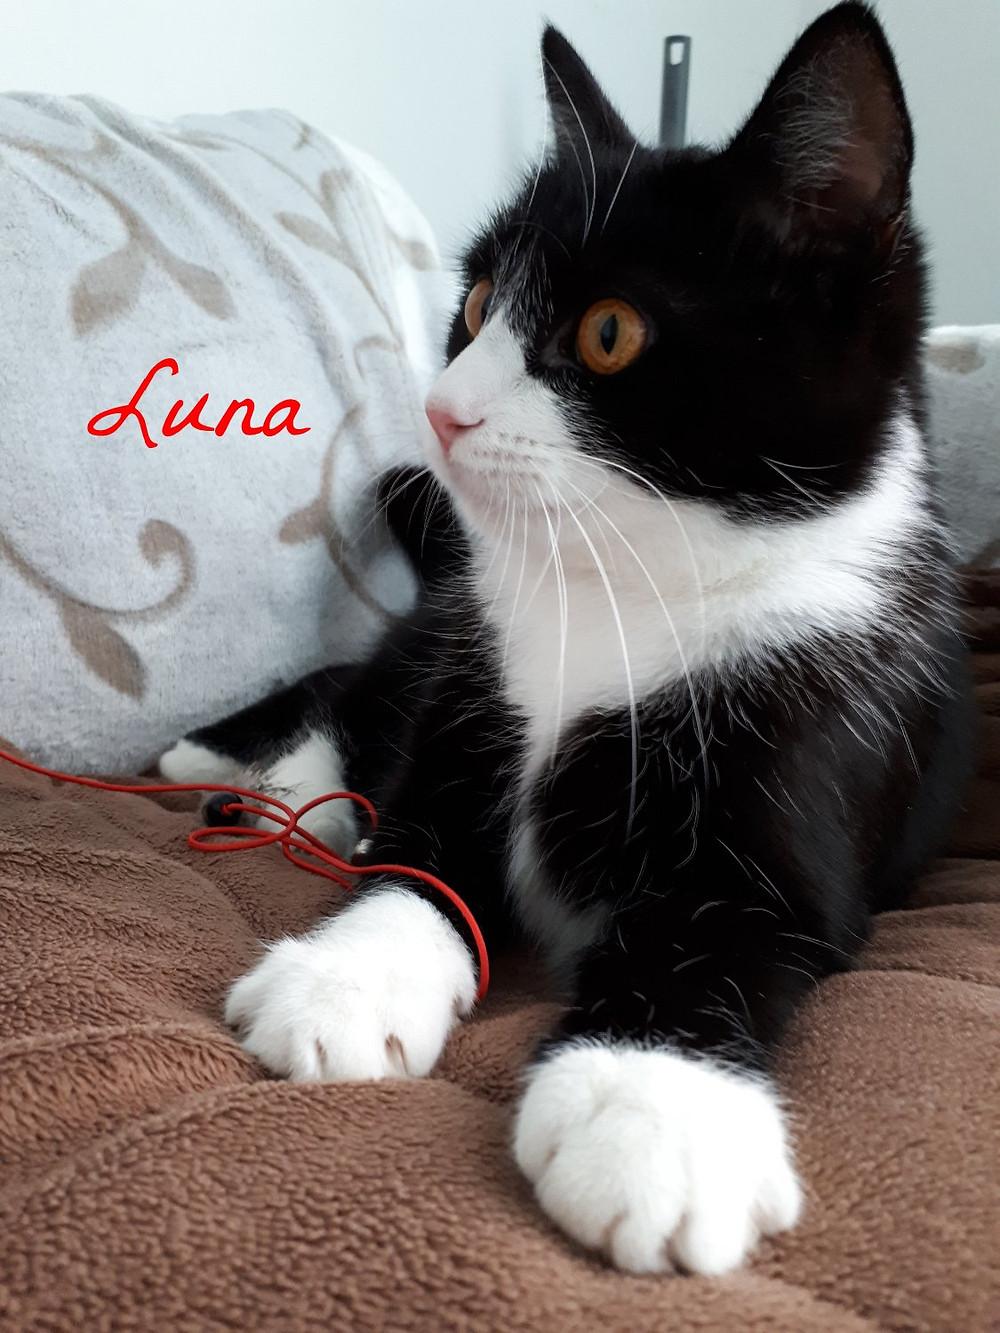 Luna knapp ein Jahr und so ein tolles Kätzchen